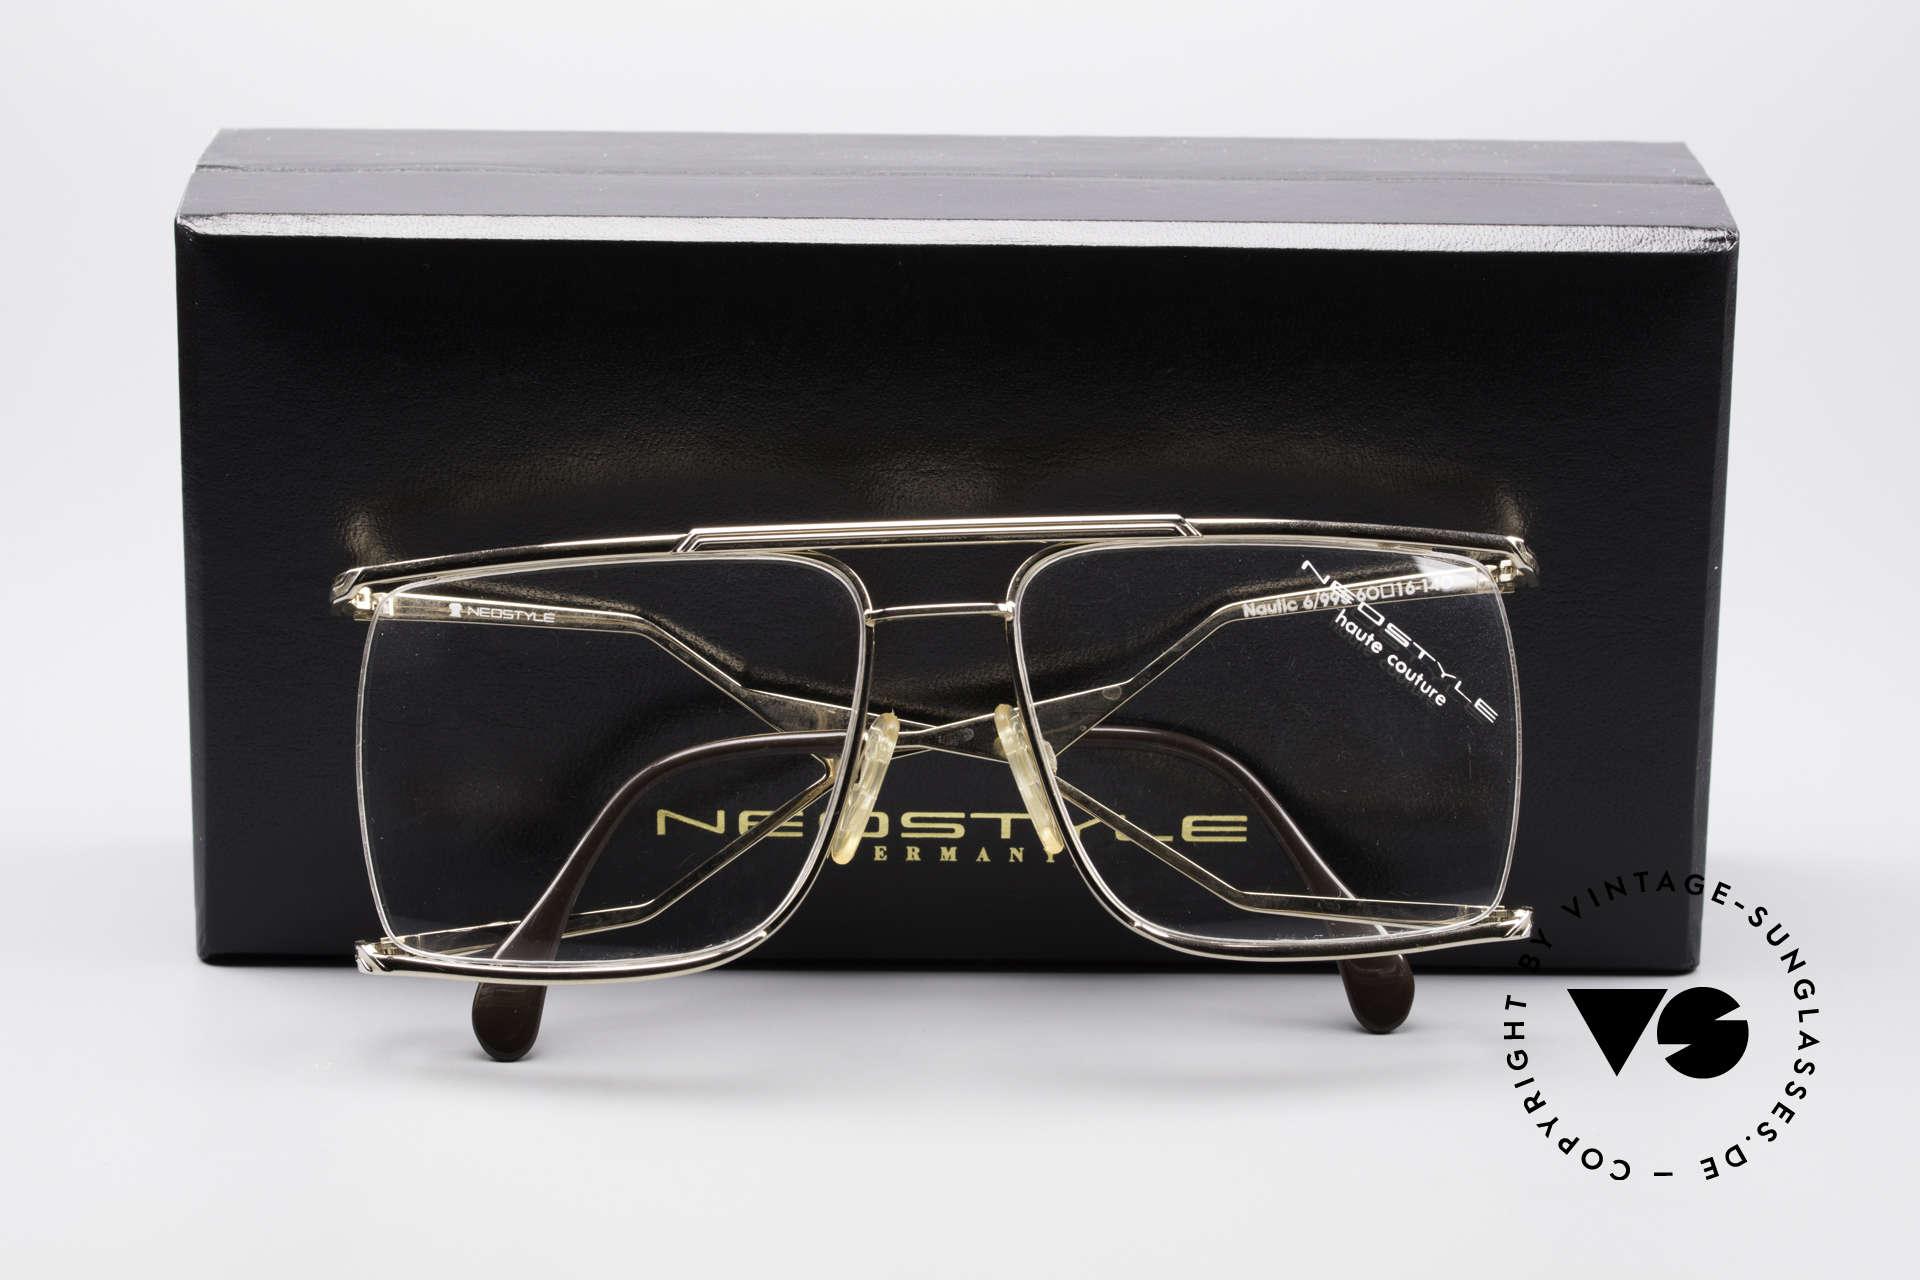 Neostyle Nautic 6 Miami Vice Vintage Brille, sehr selten, wahrscheinlich eines d. letzten Exemplare, Passend für Herren